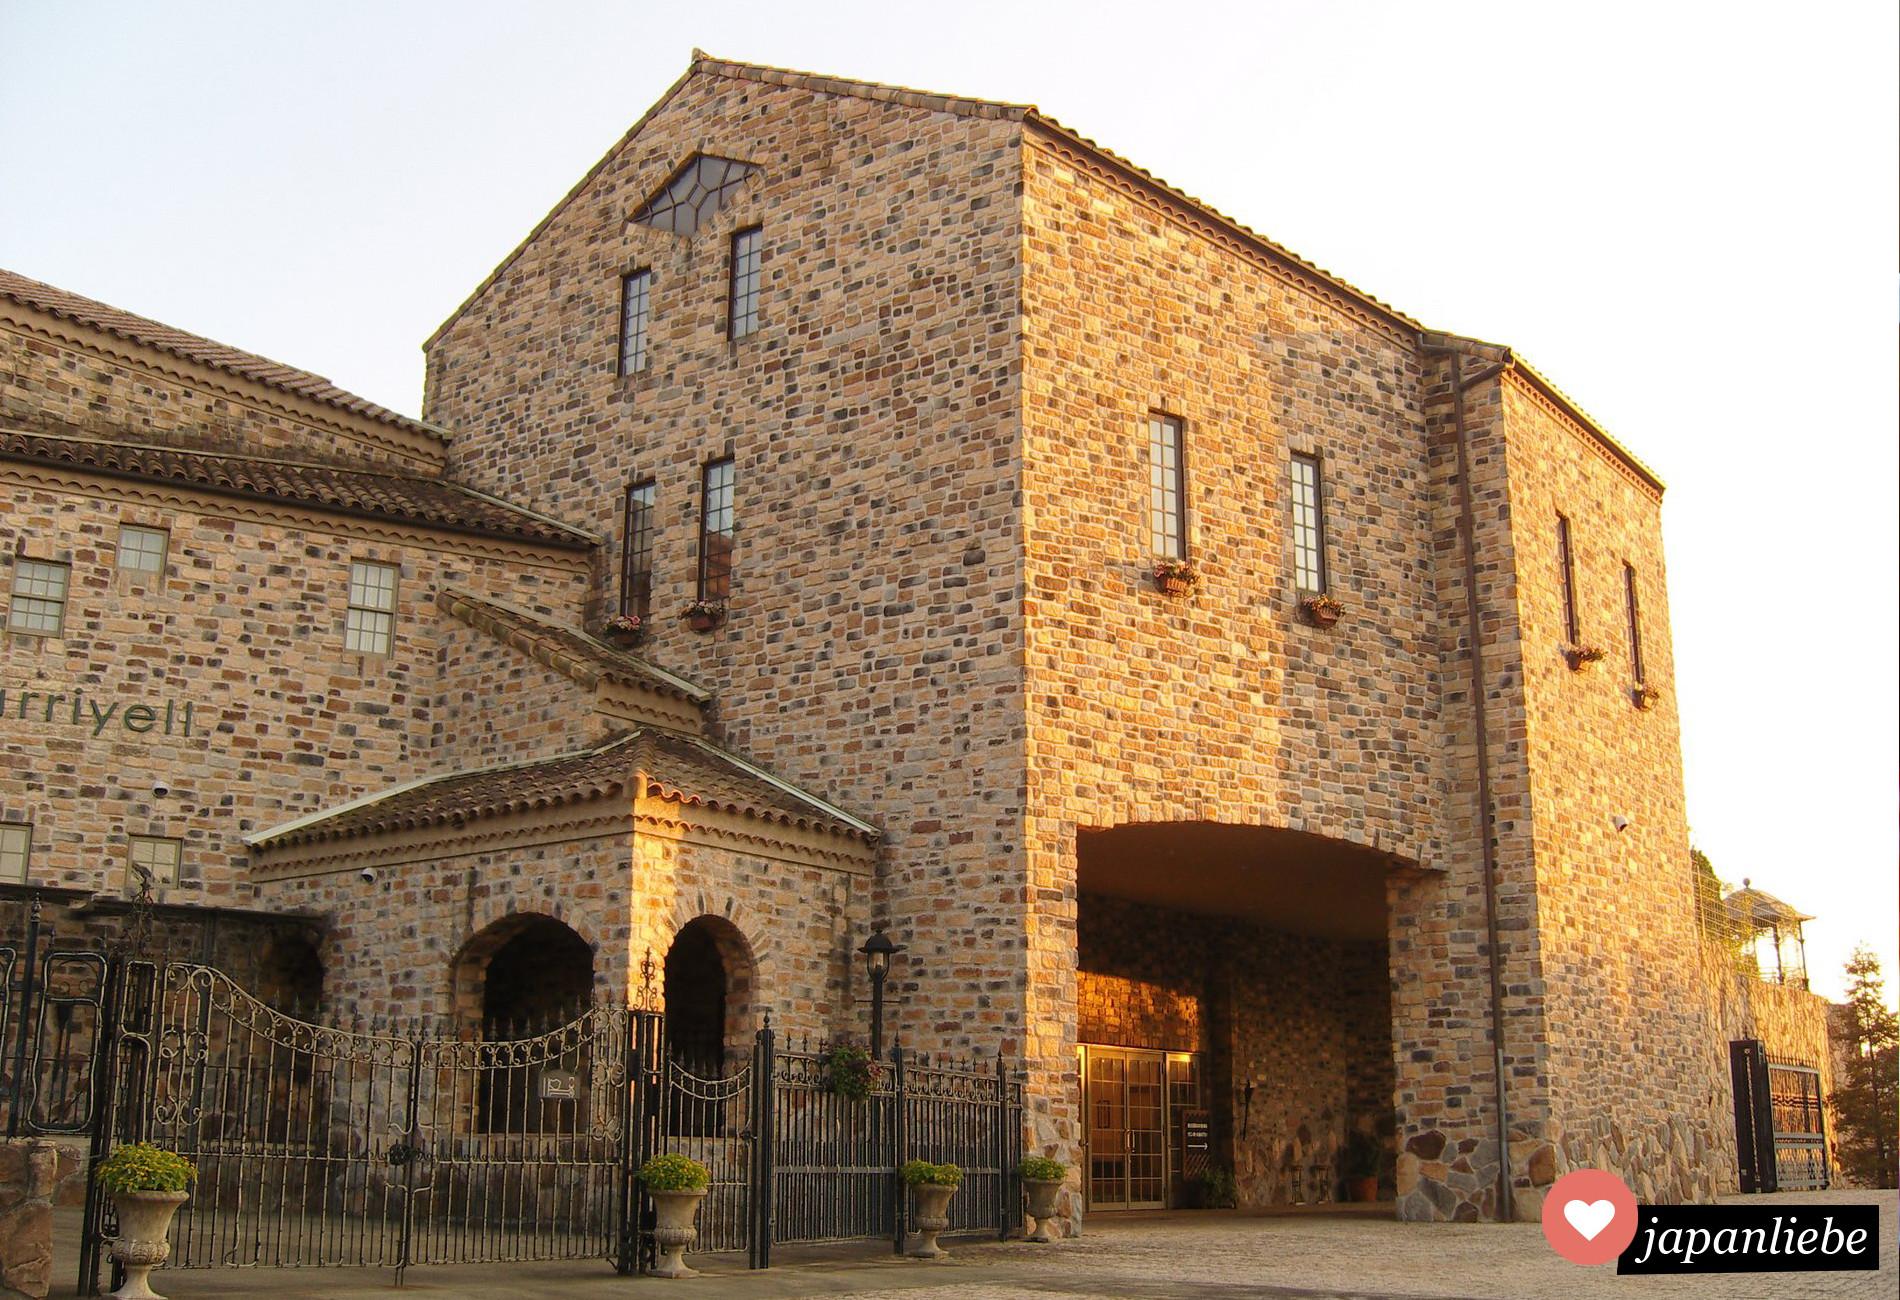 Eine japanische Wedding Chapel, die ein gefühl von Toskana vermittelt.